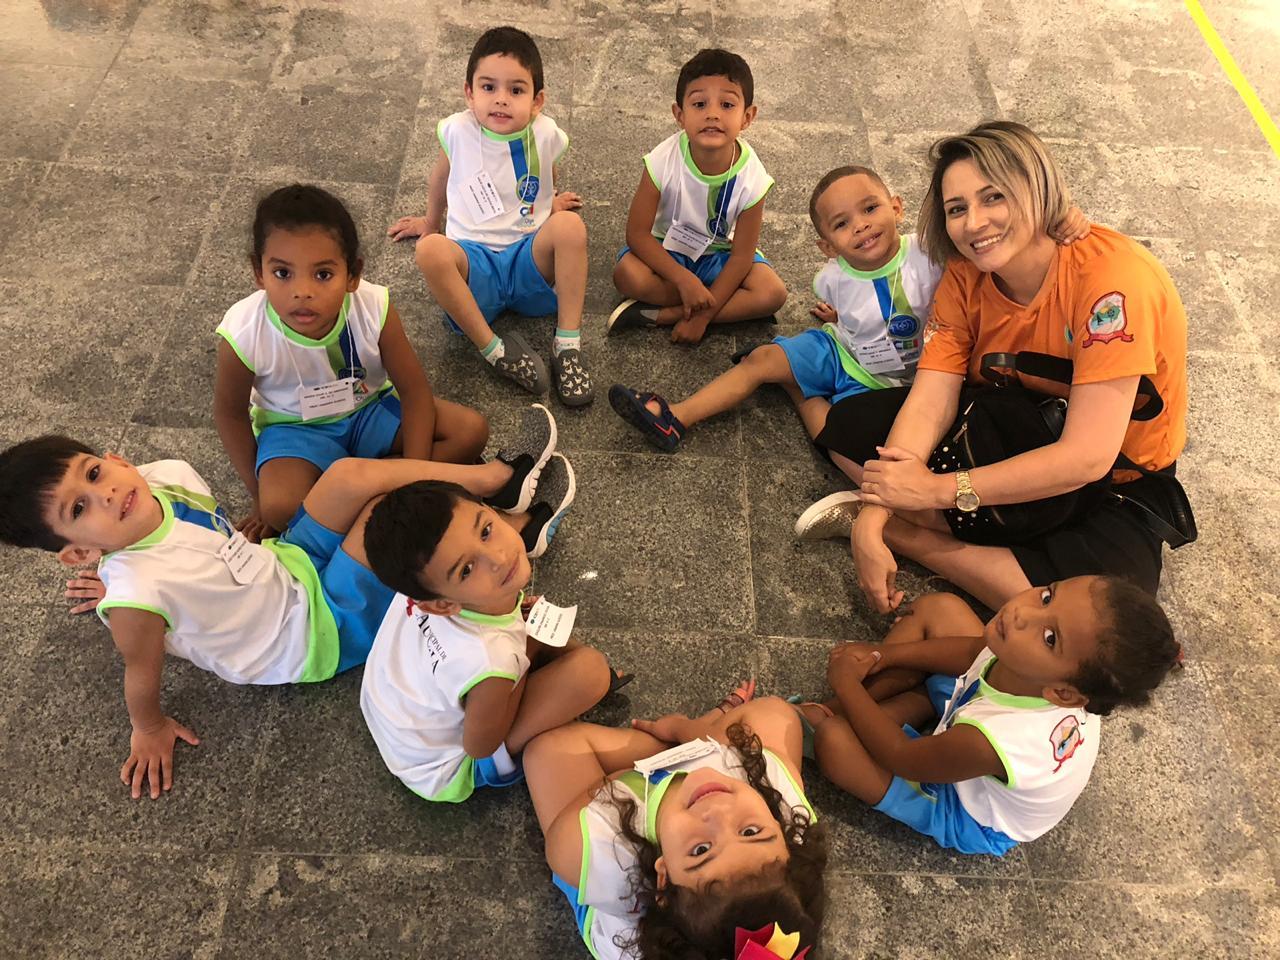 Instituto Myra Eliane leva projeto voltado à formação dos Valores Humanos para municípios do Ceará